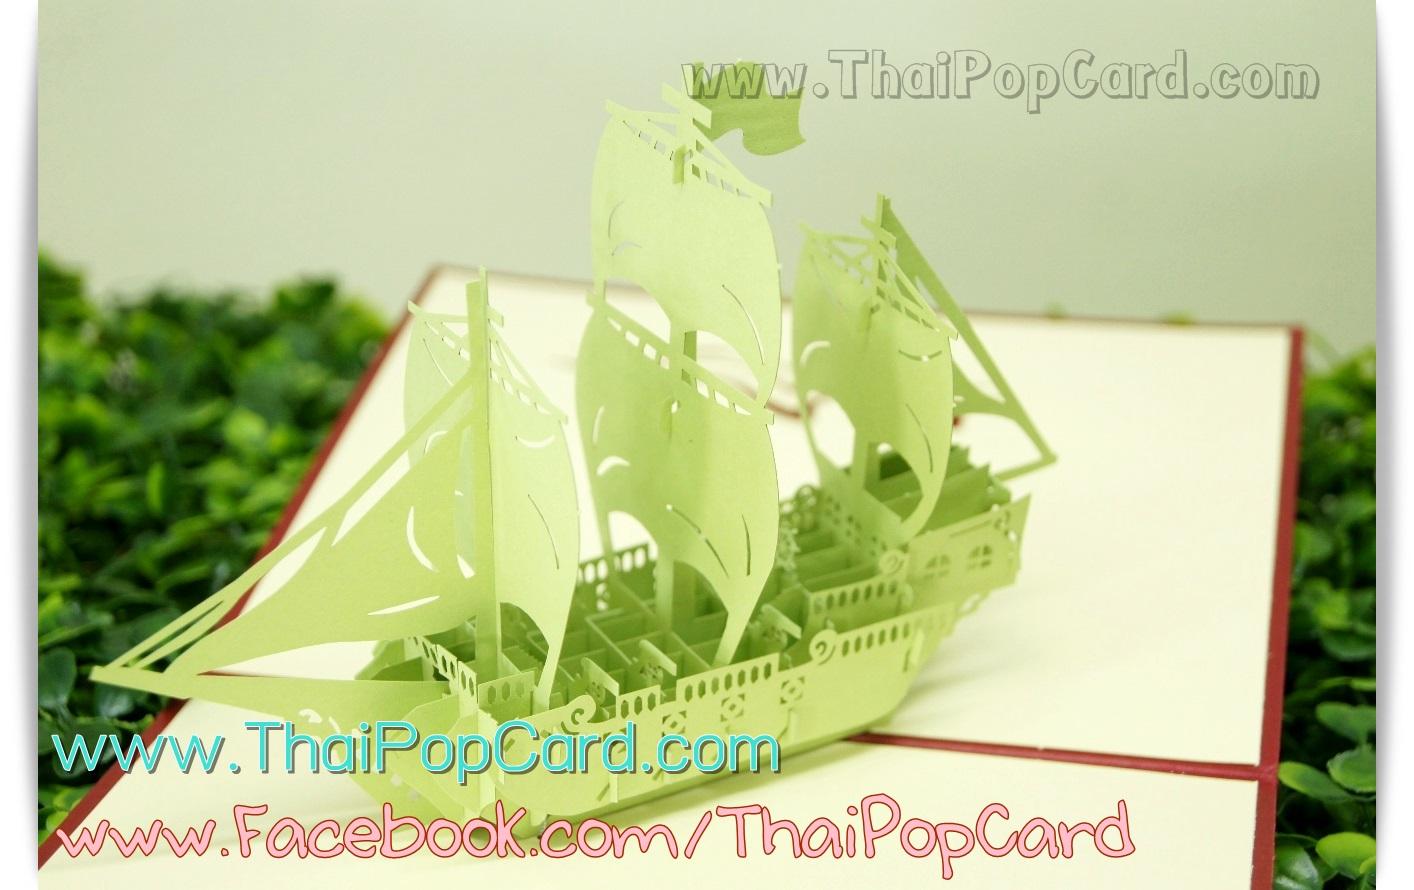 การ์ดป๊อปอัพเรือสำเภาสีเขียว